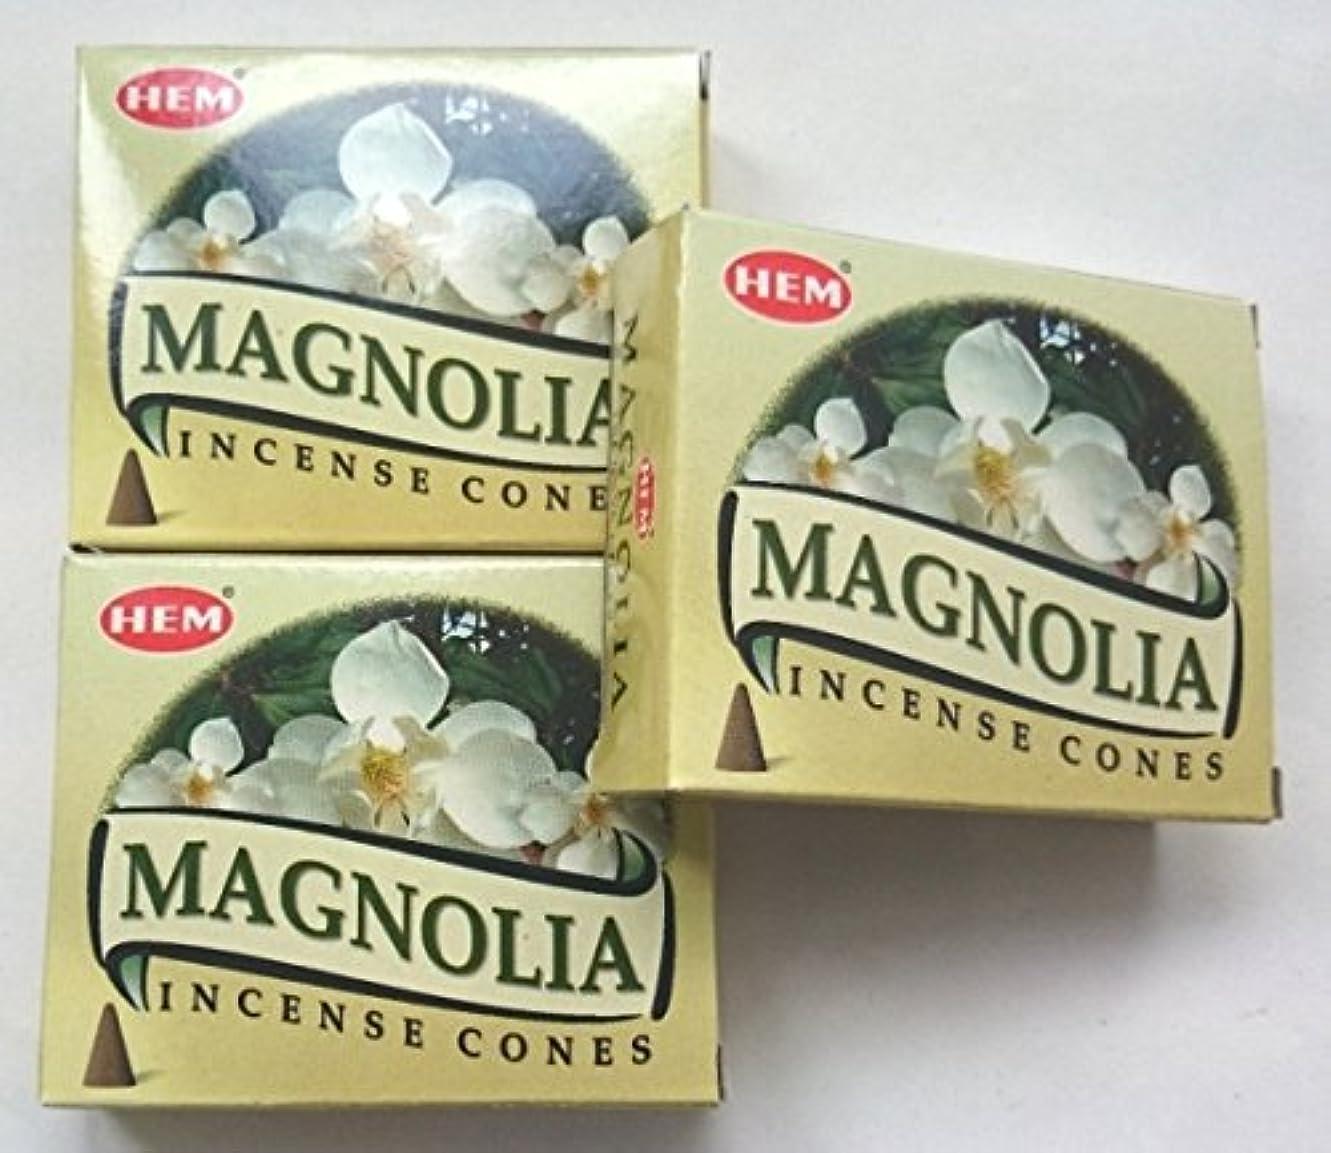 アデレード悪化させるオフセットHEM(ヘム)お香 マグノリア コーン 3個セット